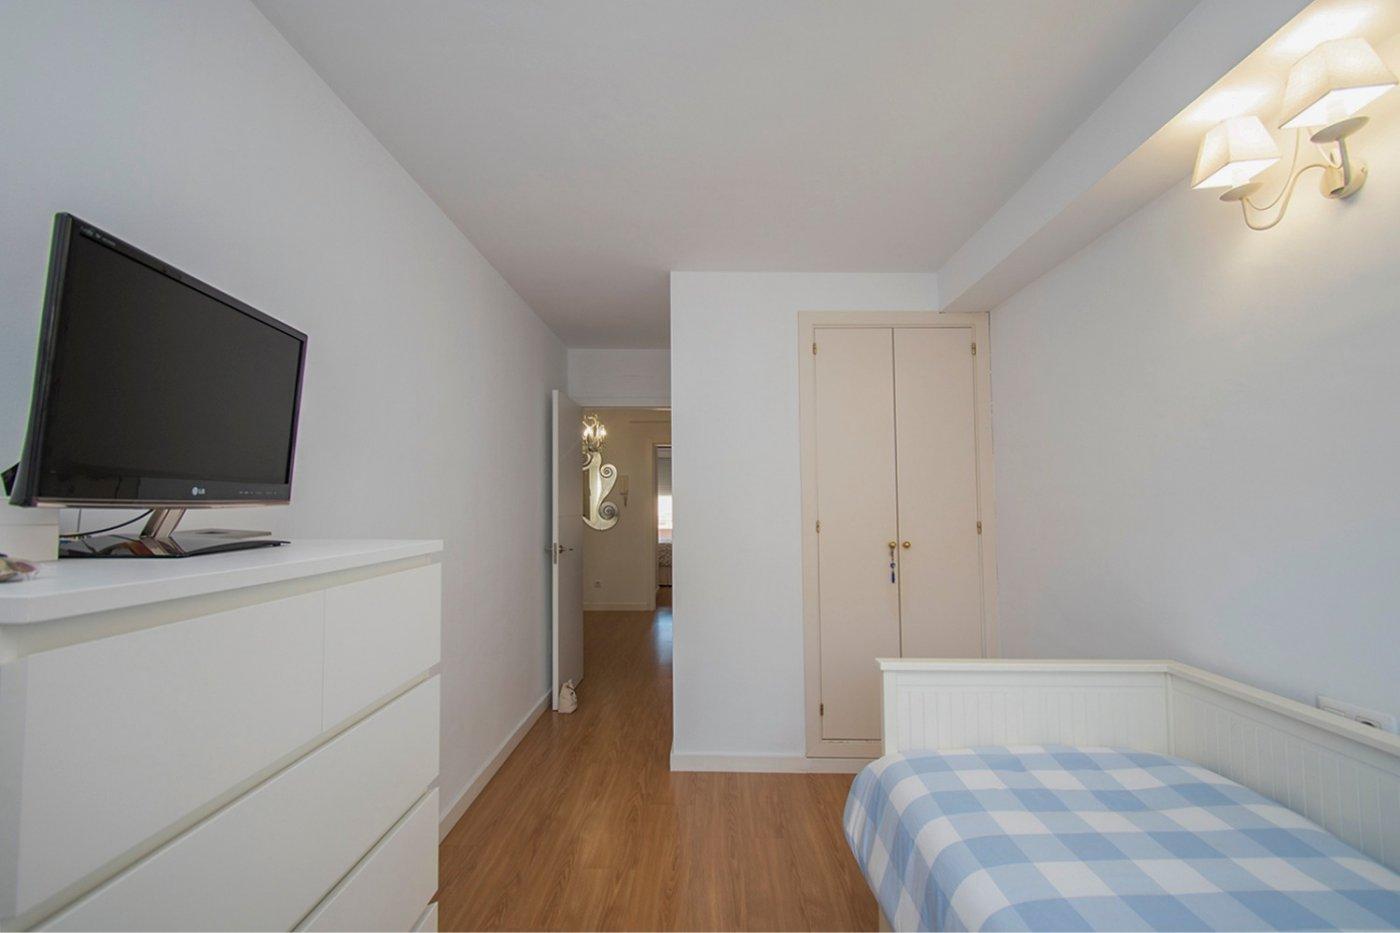 Ático-dÚplex de 3 habitaciones con terraza en planta en pedro garau (parking opcional) - imagenInmueble17